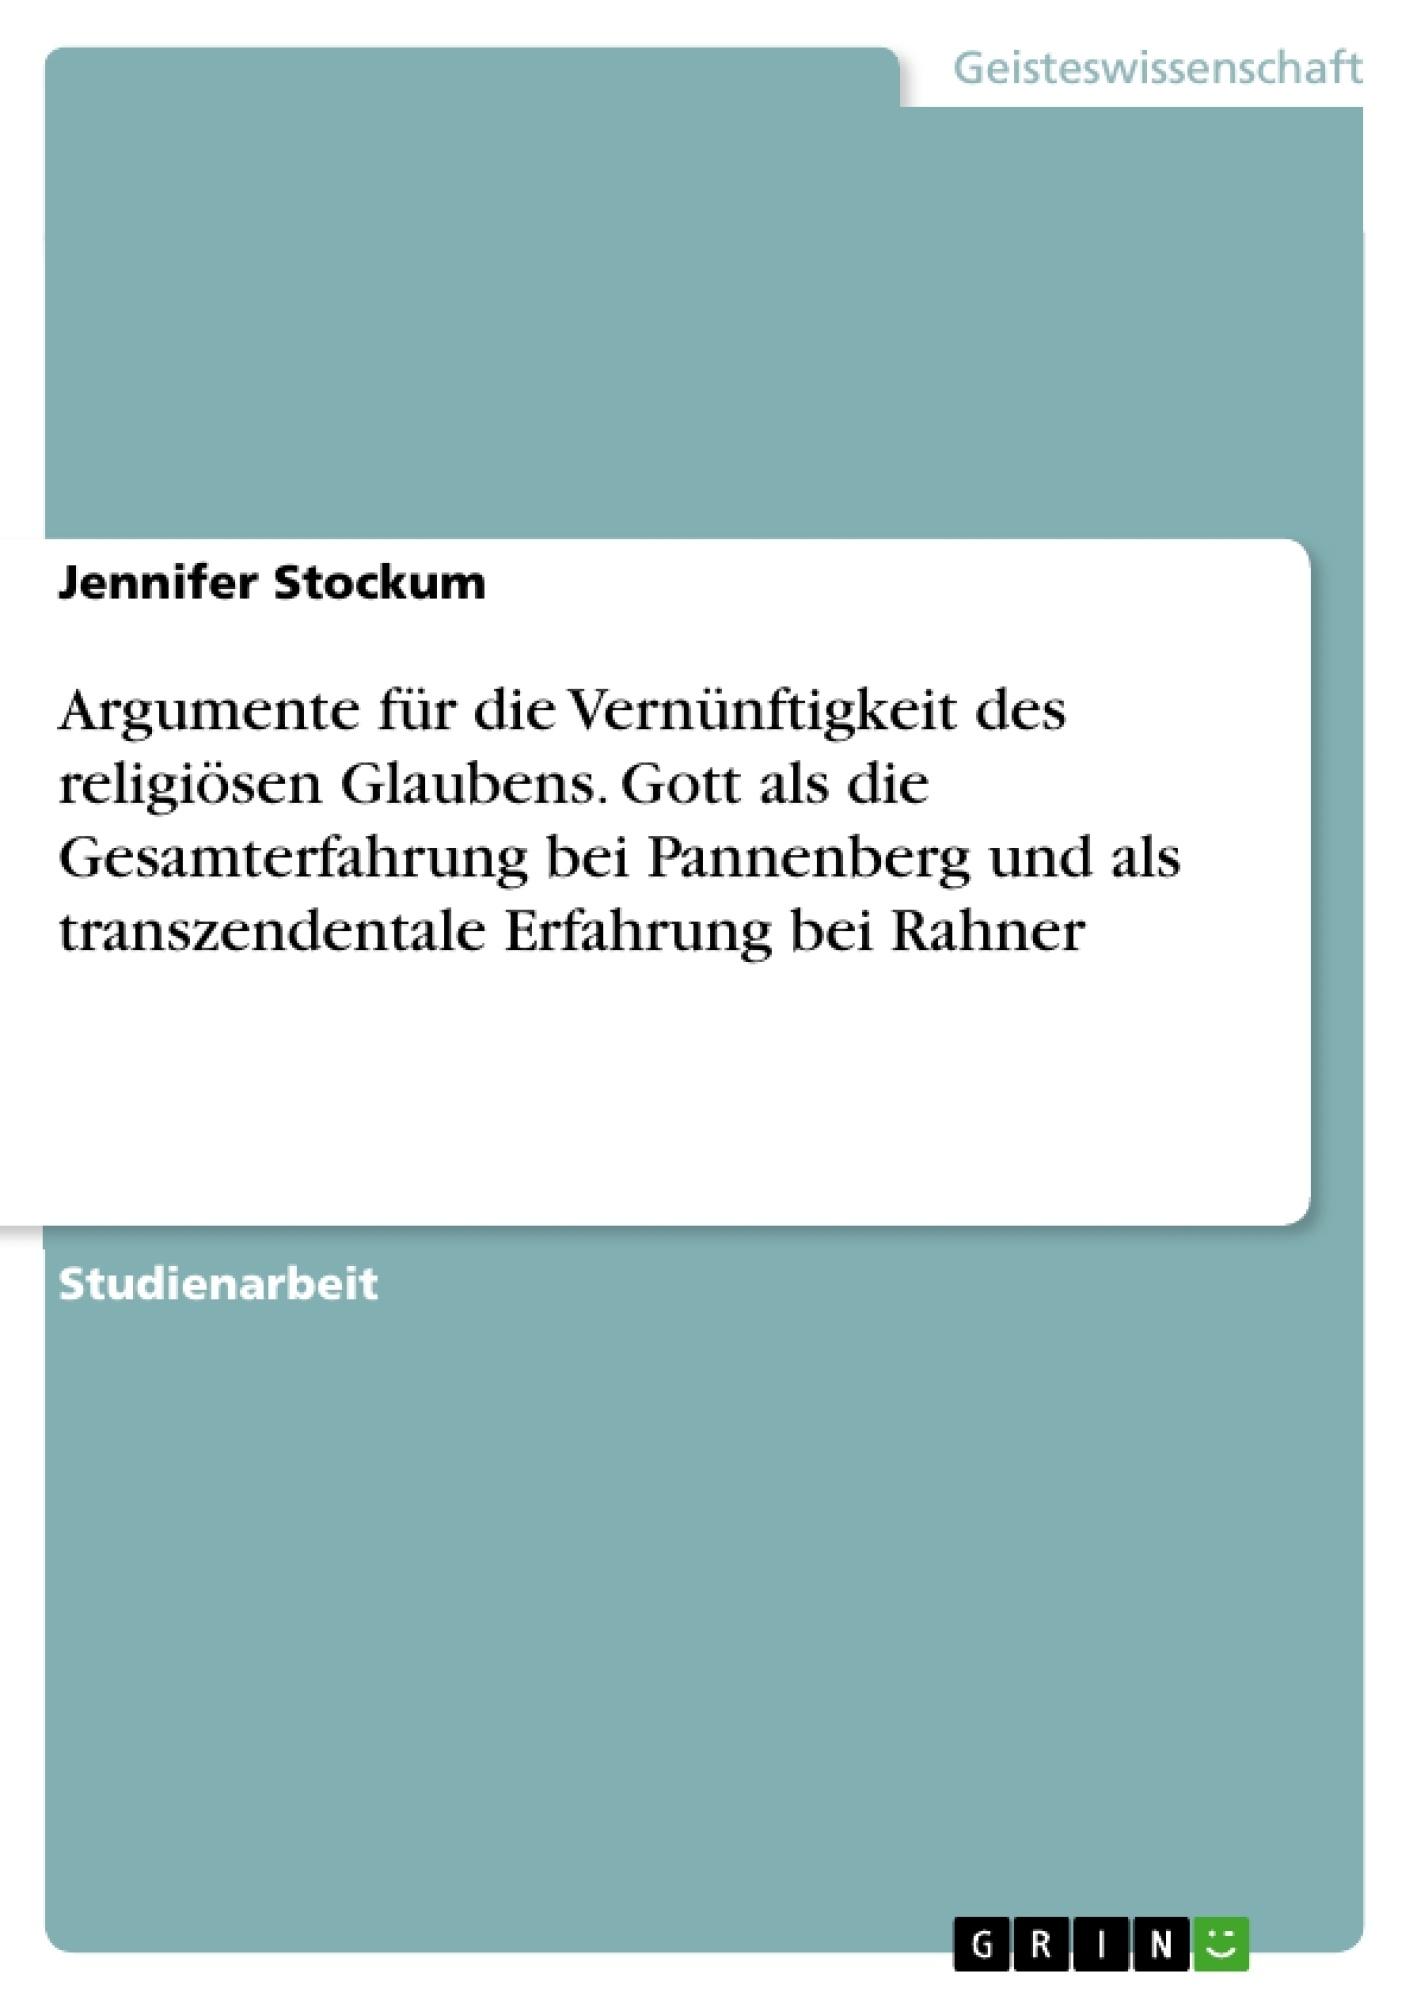 Titel: Argumente für die Vernünftigkeit des religiösen Glaubens. Gott als die Gesamterfahrung bei Pannenberg und als transzendentale Erfahrung bei Rahner